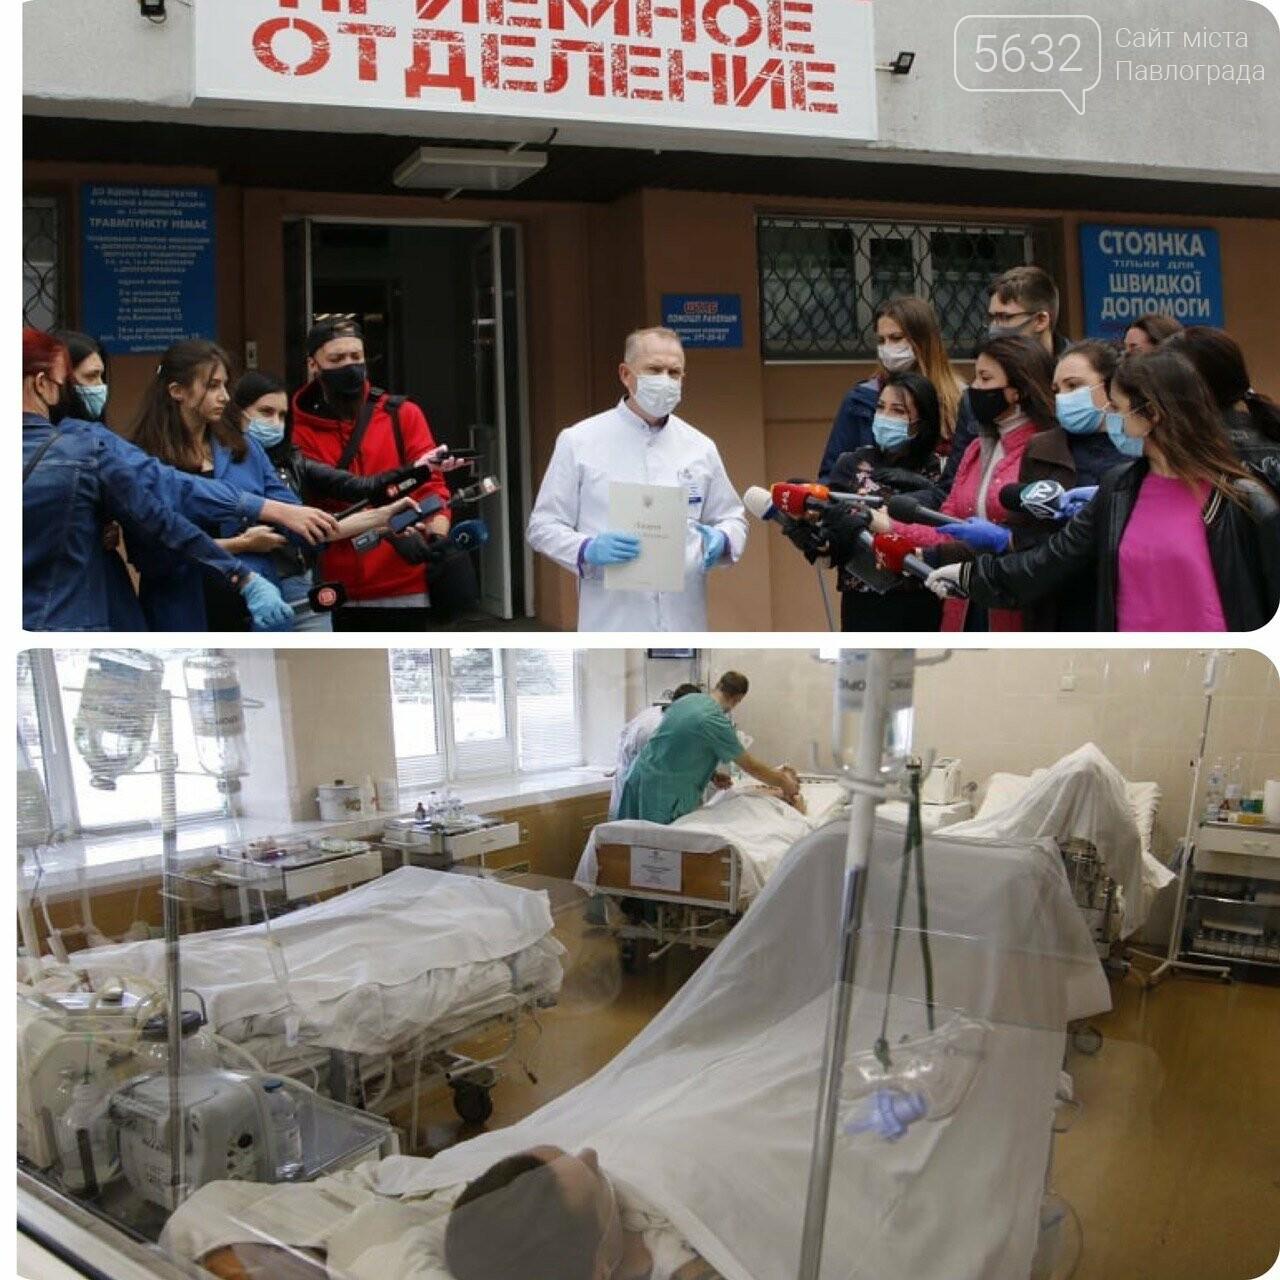 Главный врач областной больницы рассказал, как себя чувствуют бойцы, попавшие под обстрел, в котором погиб павлоградец (ОБНОВЛЕНО), фото-1